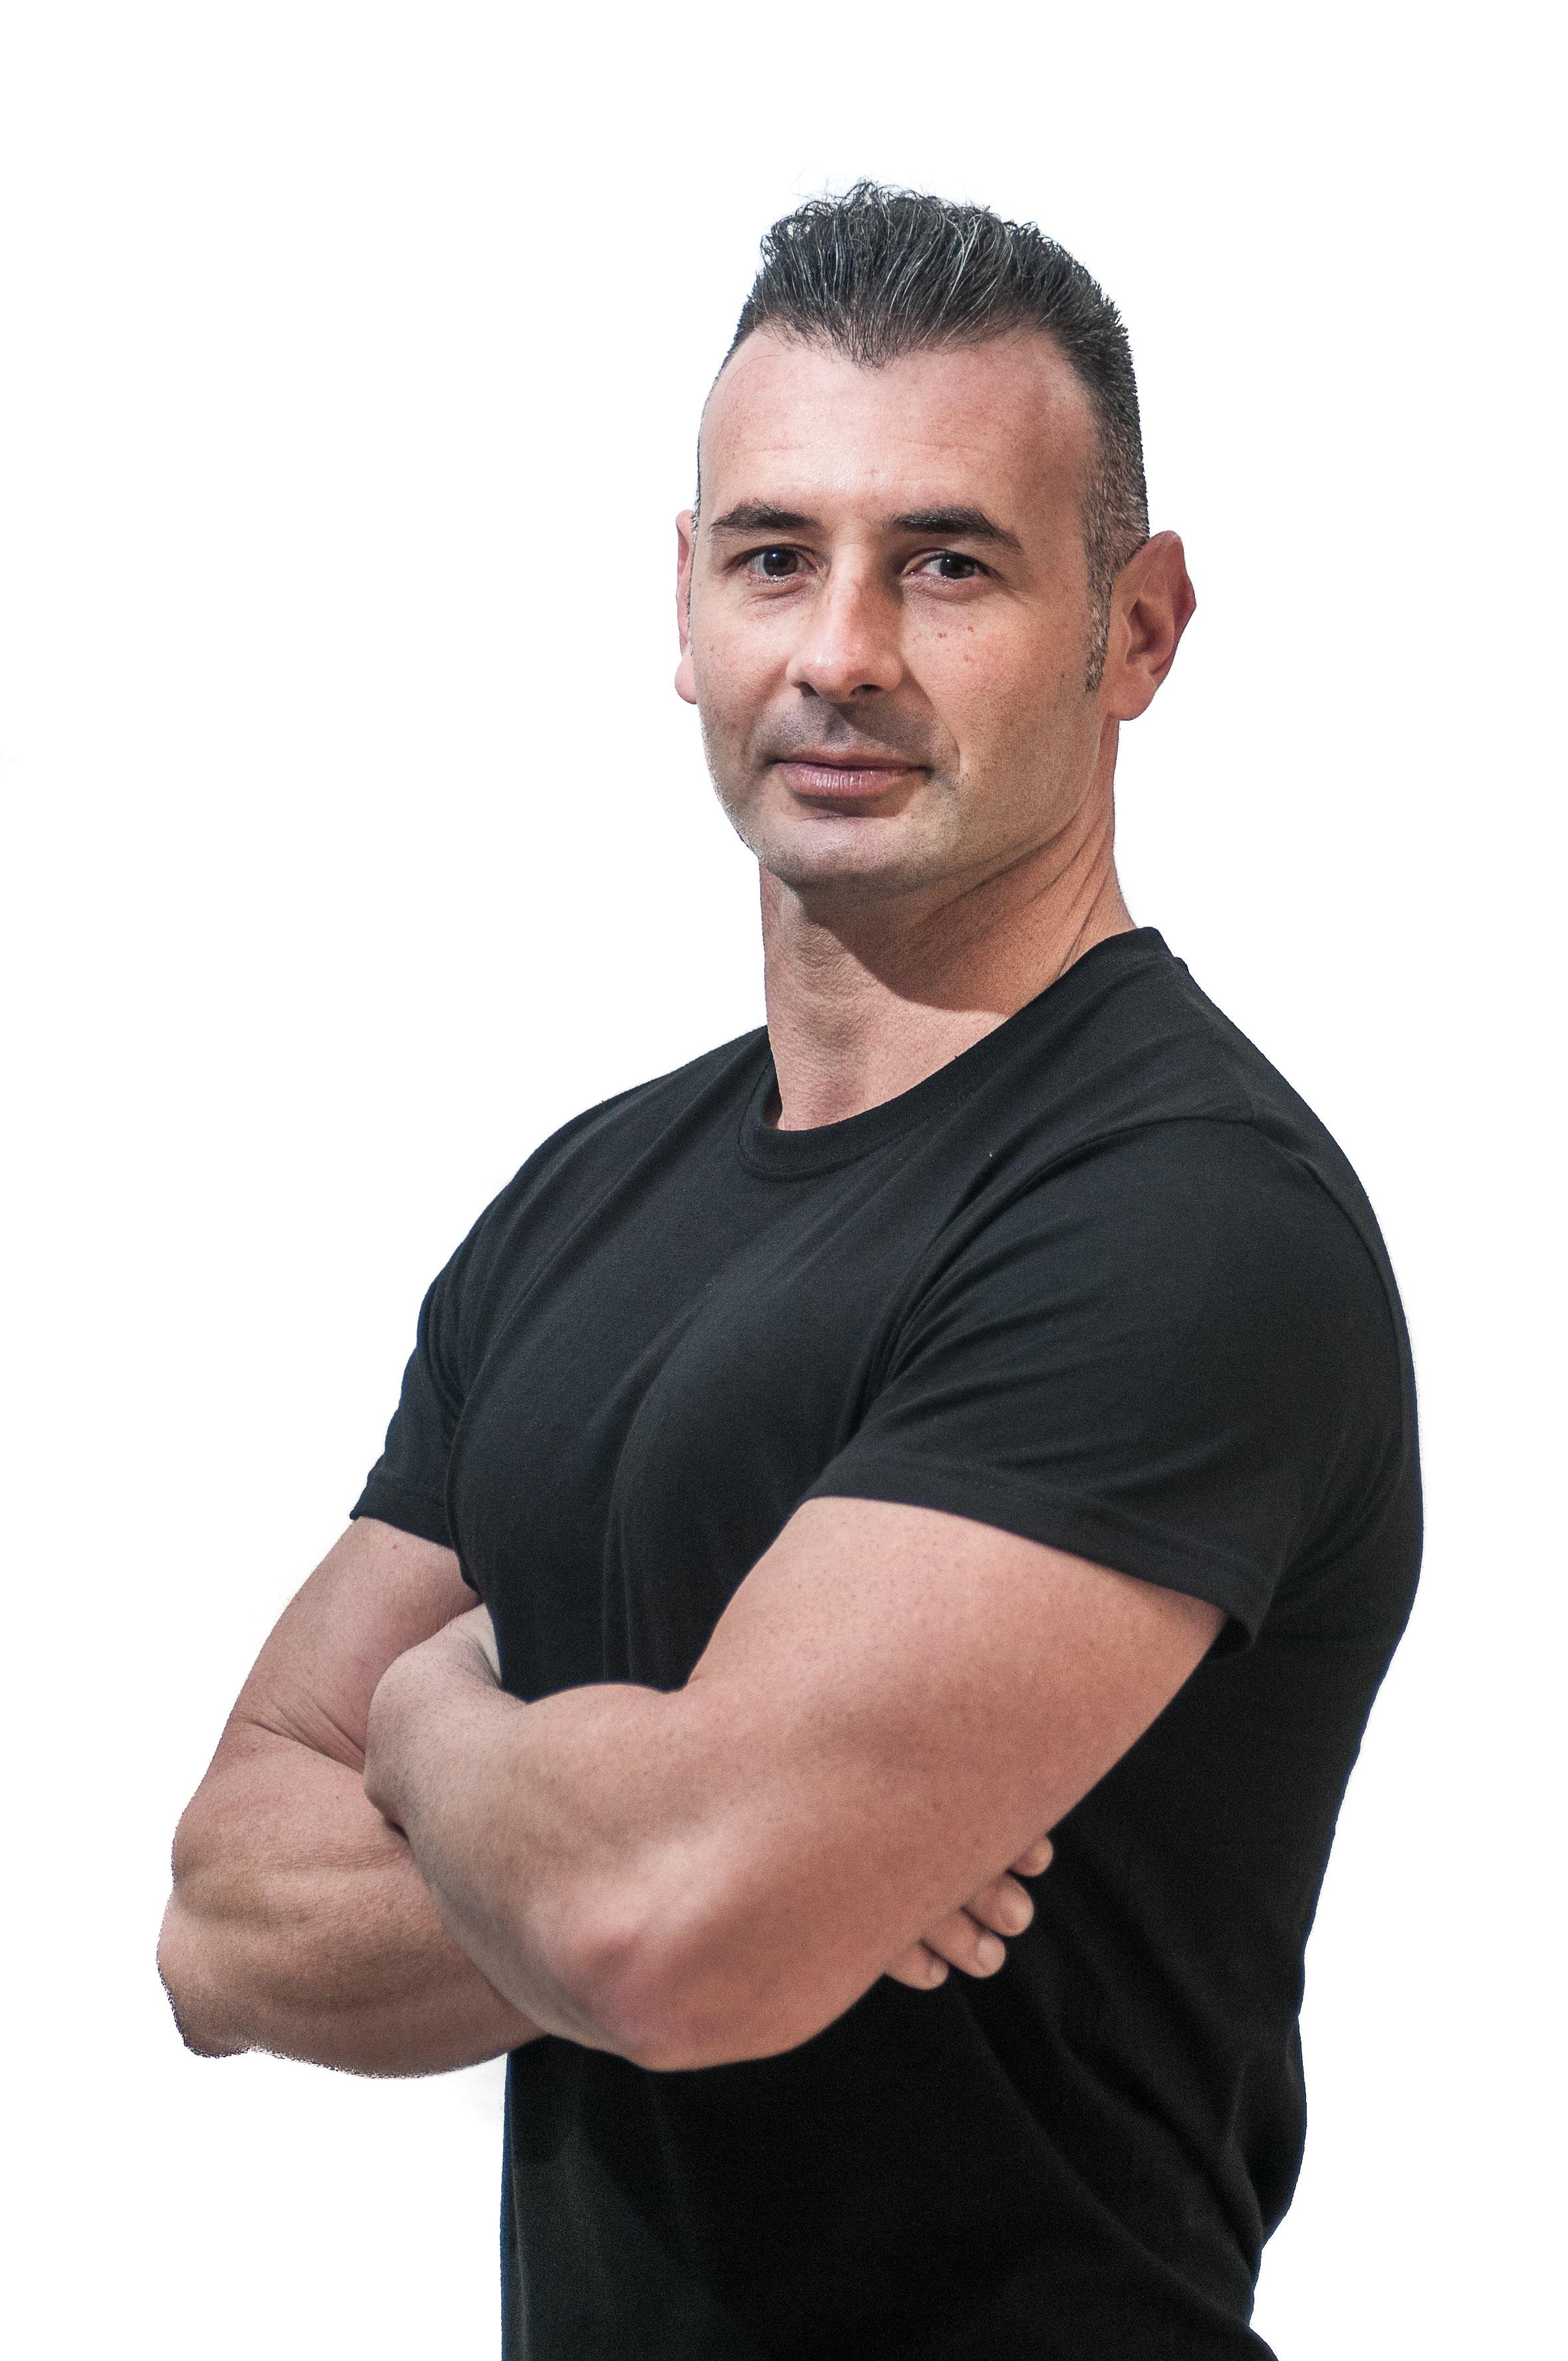 Compra y venta, consultoría y formación en Bitcoin en Canarias con Enrique Hernández Nuez consultor